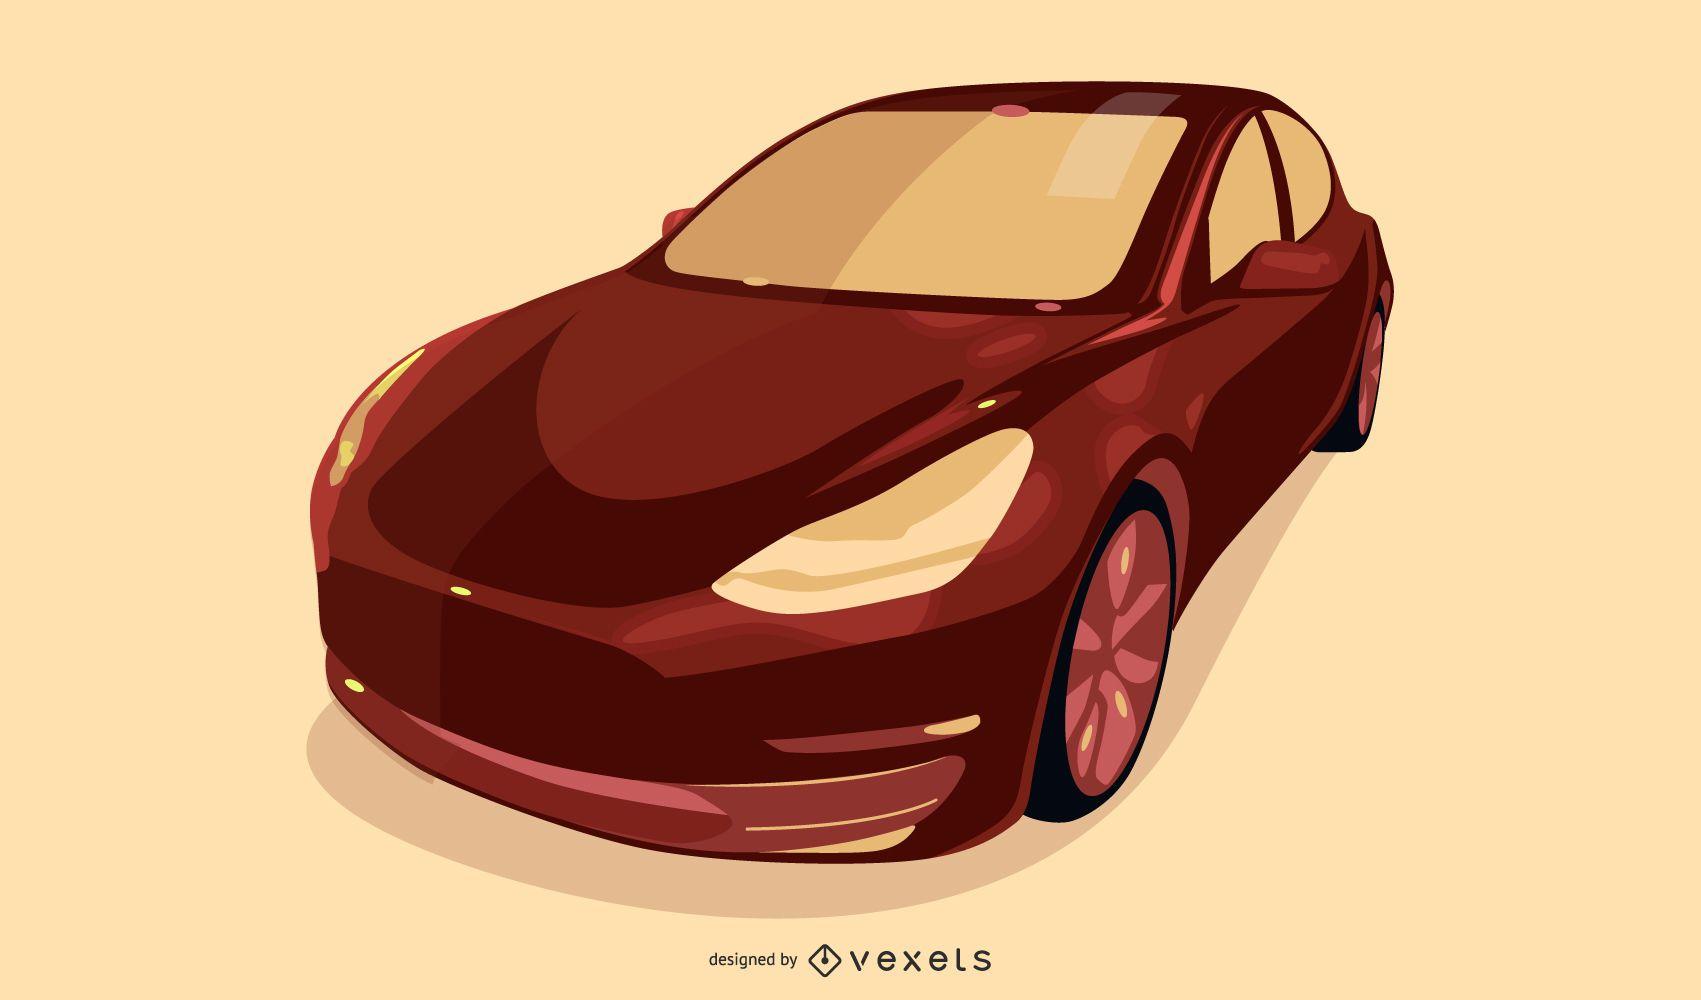 Modern red car illustration design